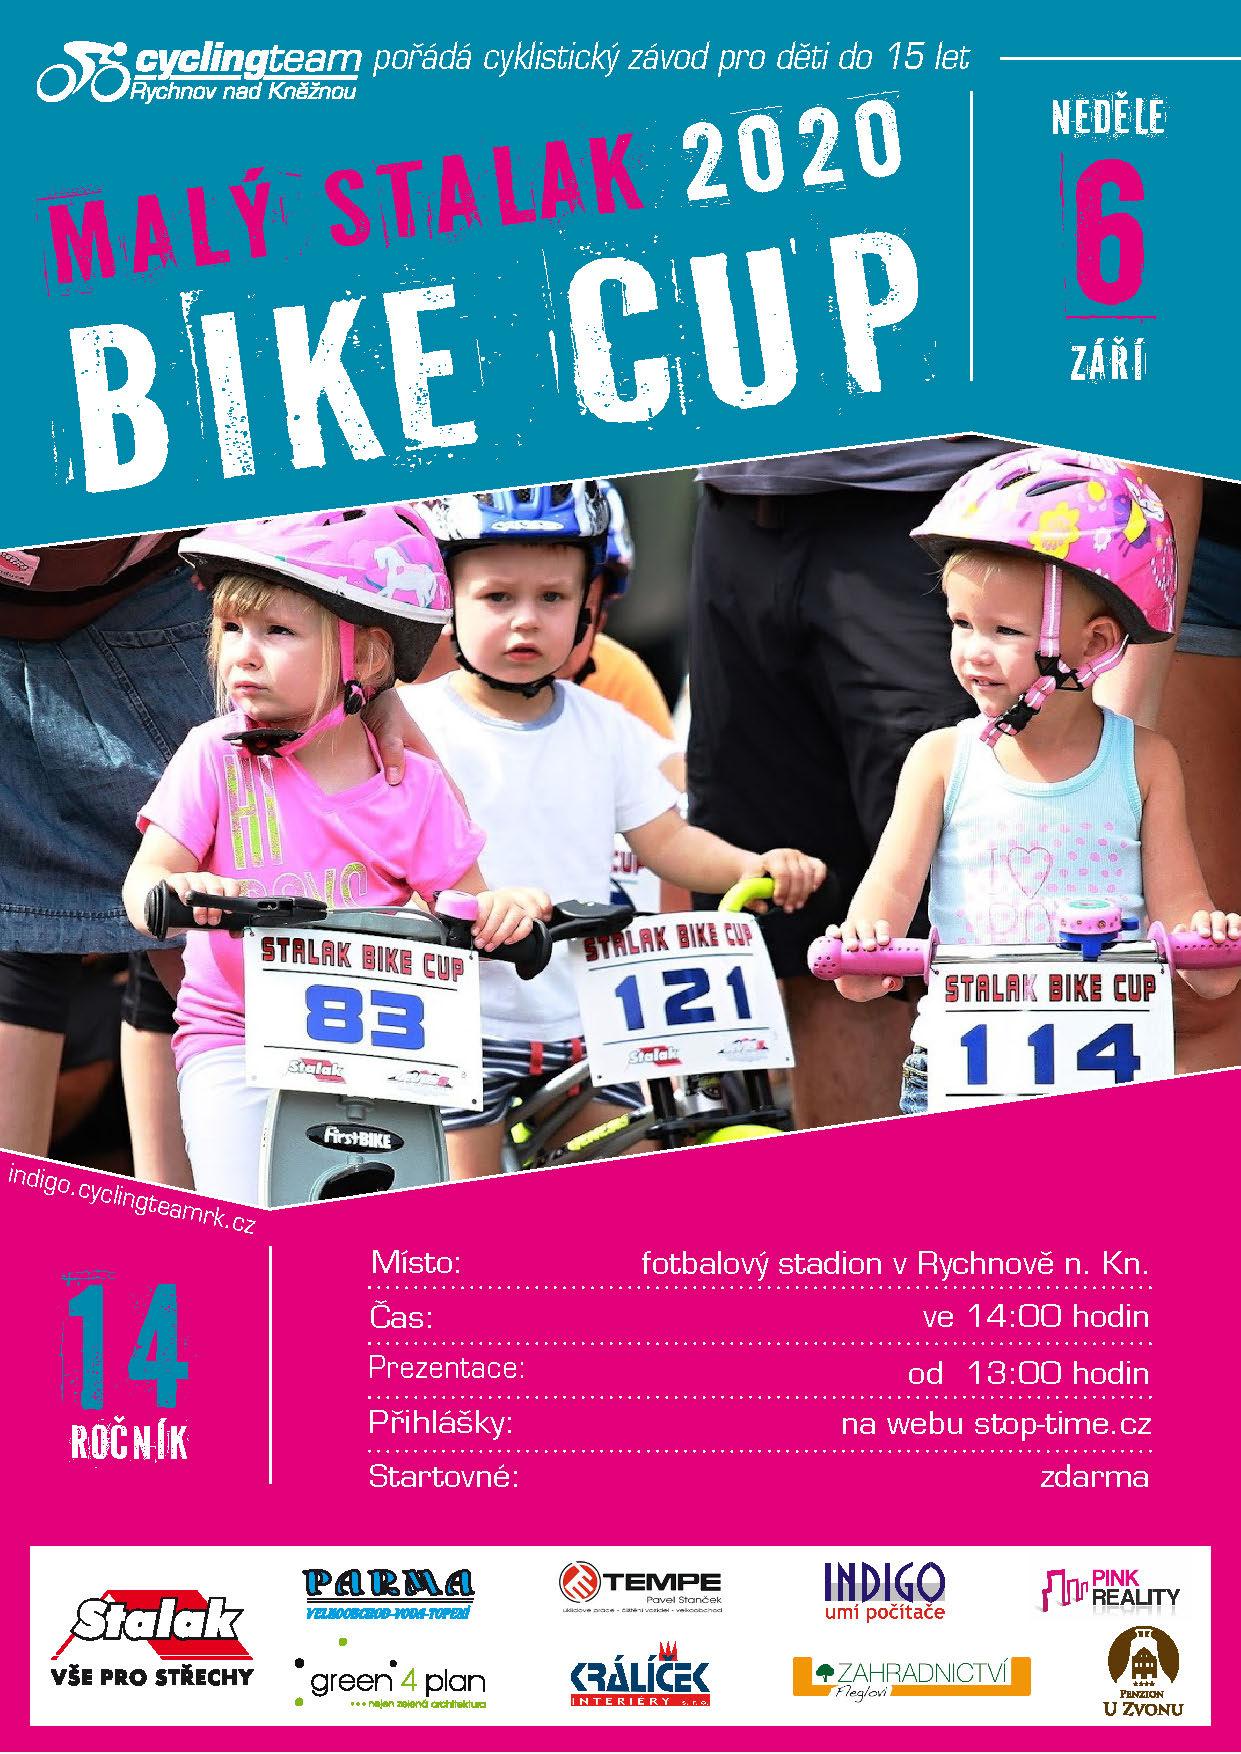 Malý Stalak Bike Cup 2020 - fotogalerie